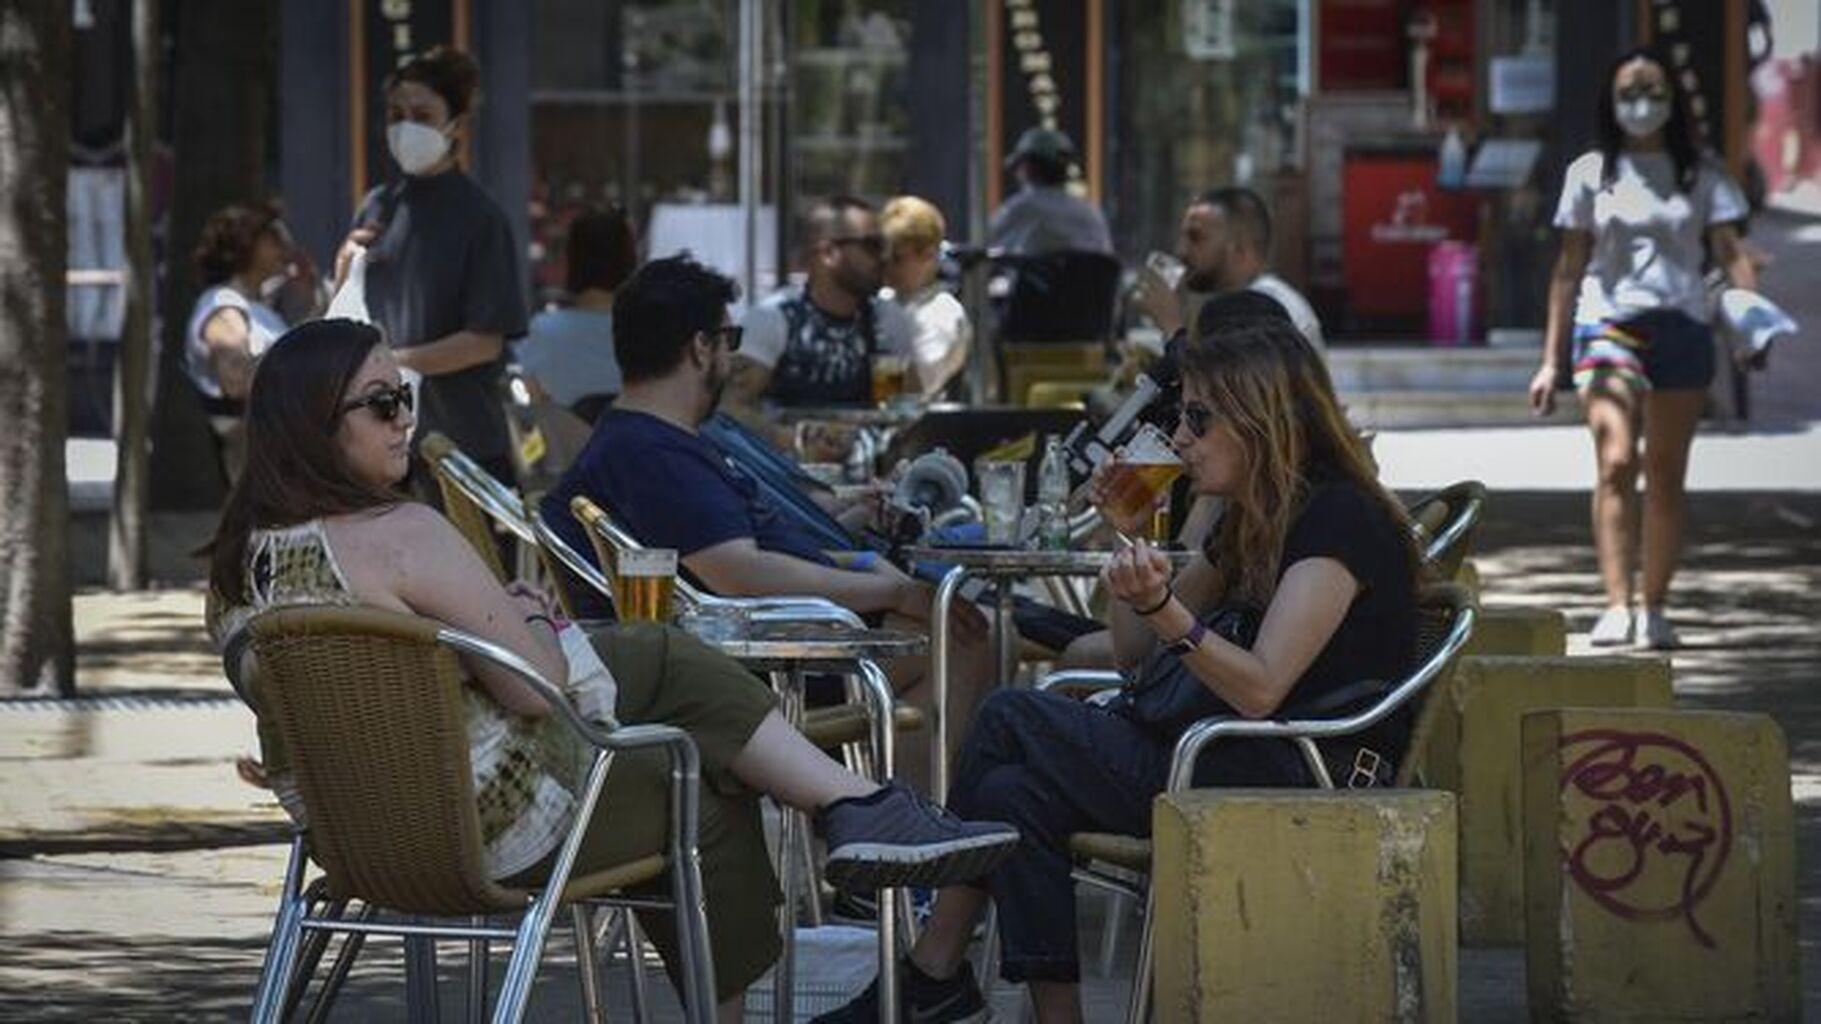 El Gobierno prohíbe fumar al aire libre en toda España, si no se mantiene la distancia de seguridad